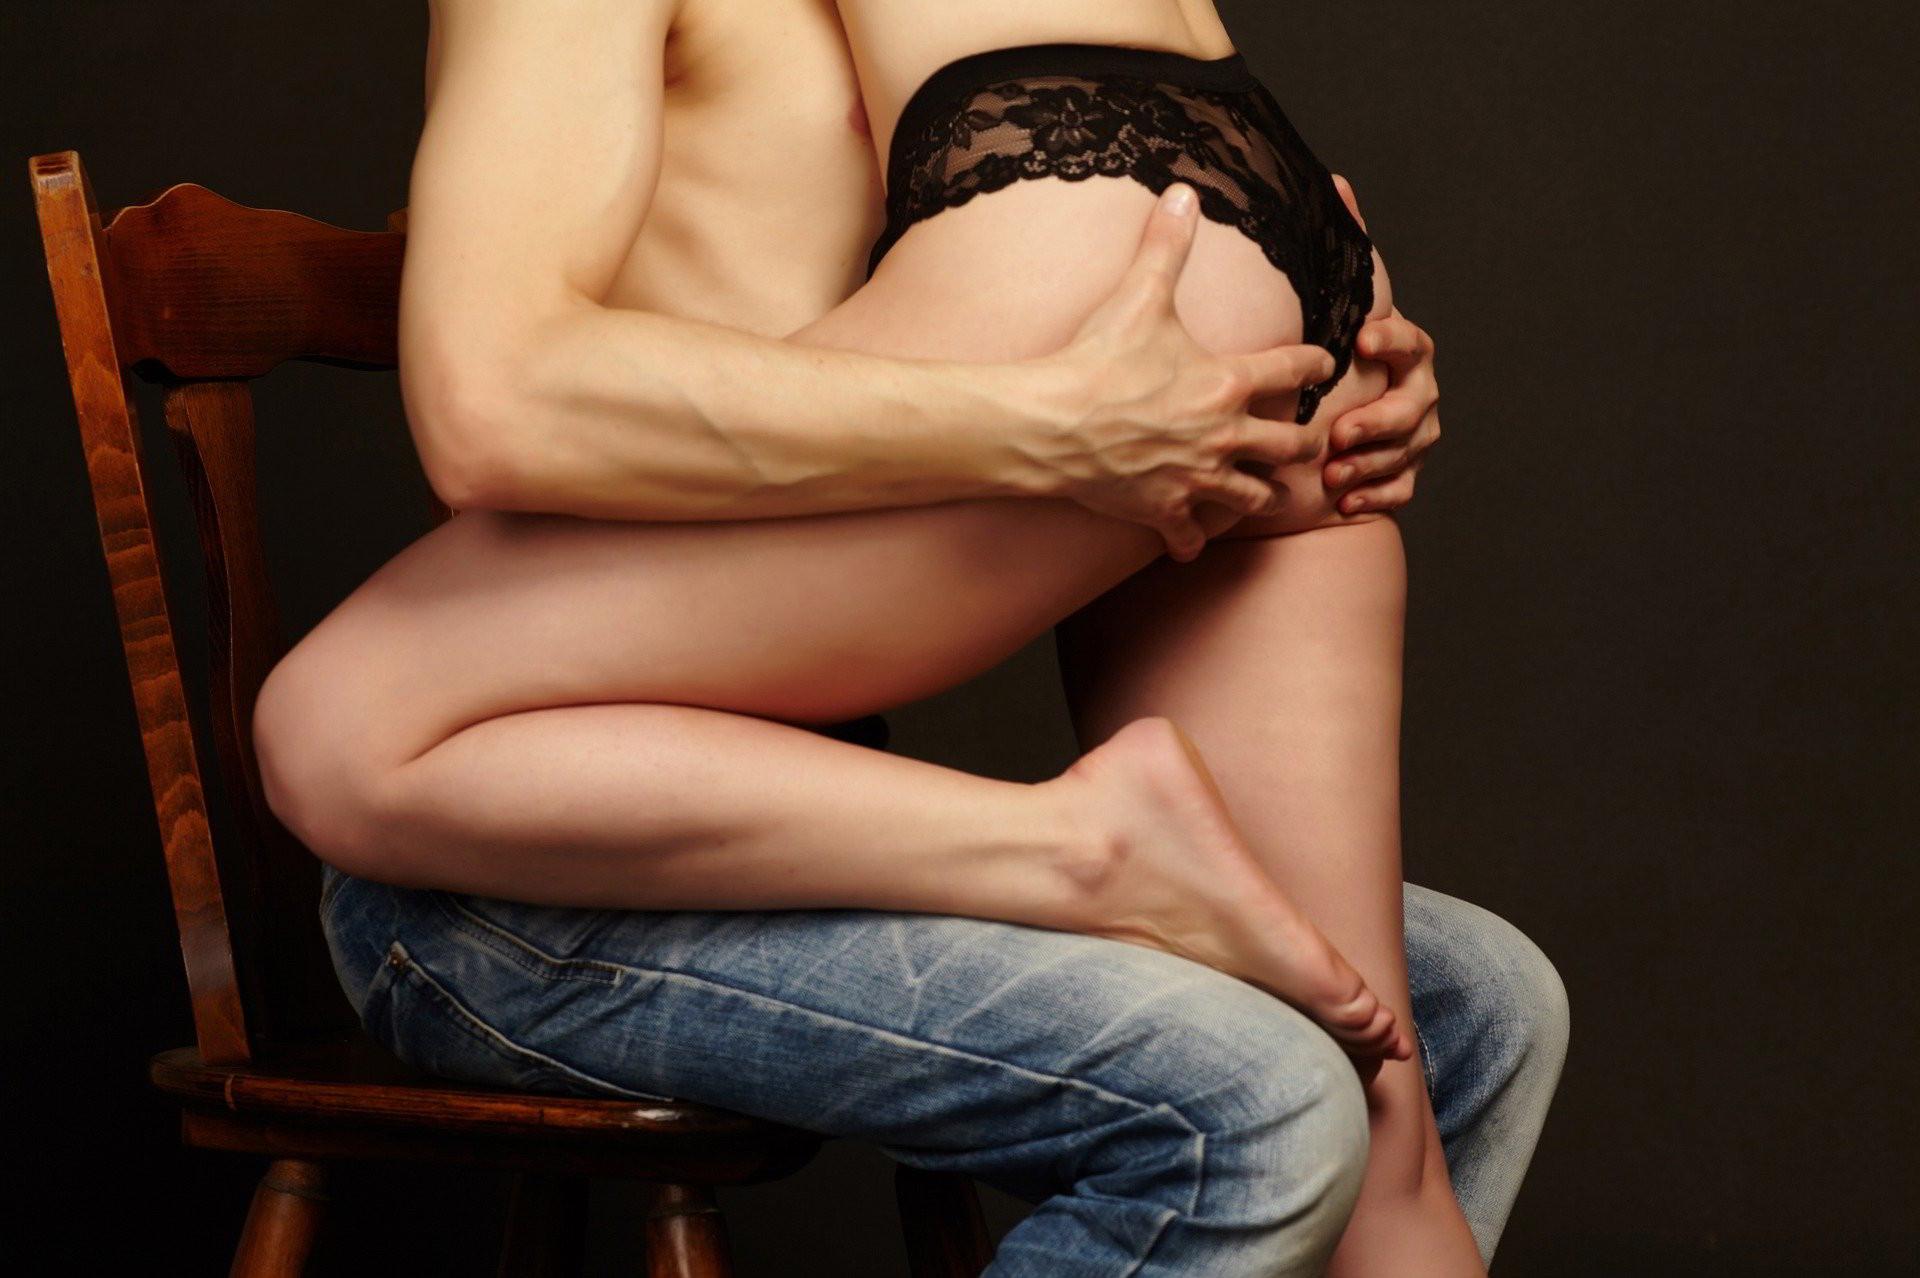 Pourquoi votre homme devrait parfois porter une cage de chasteté ?